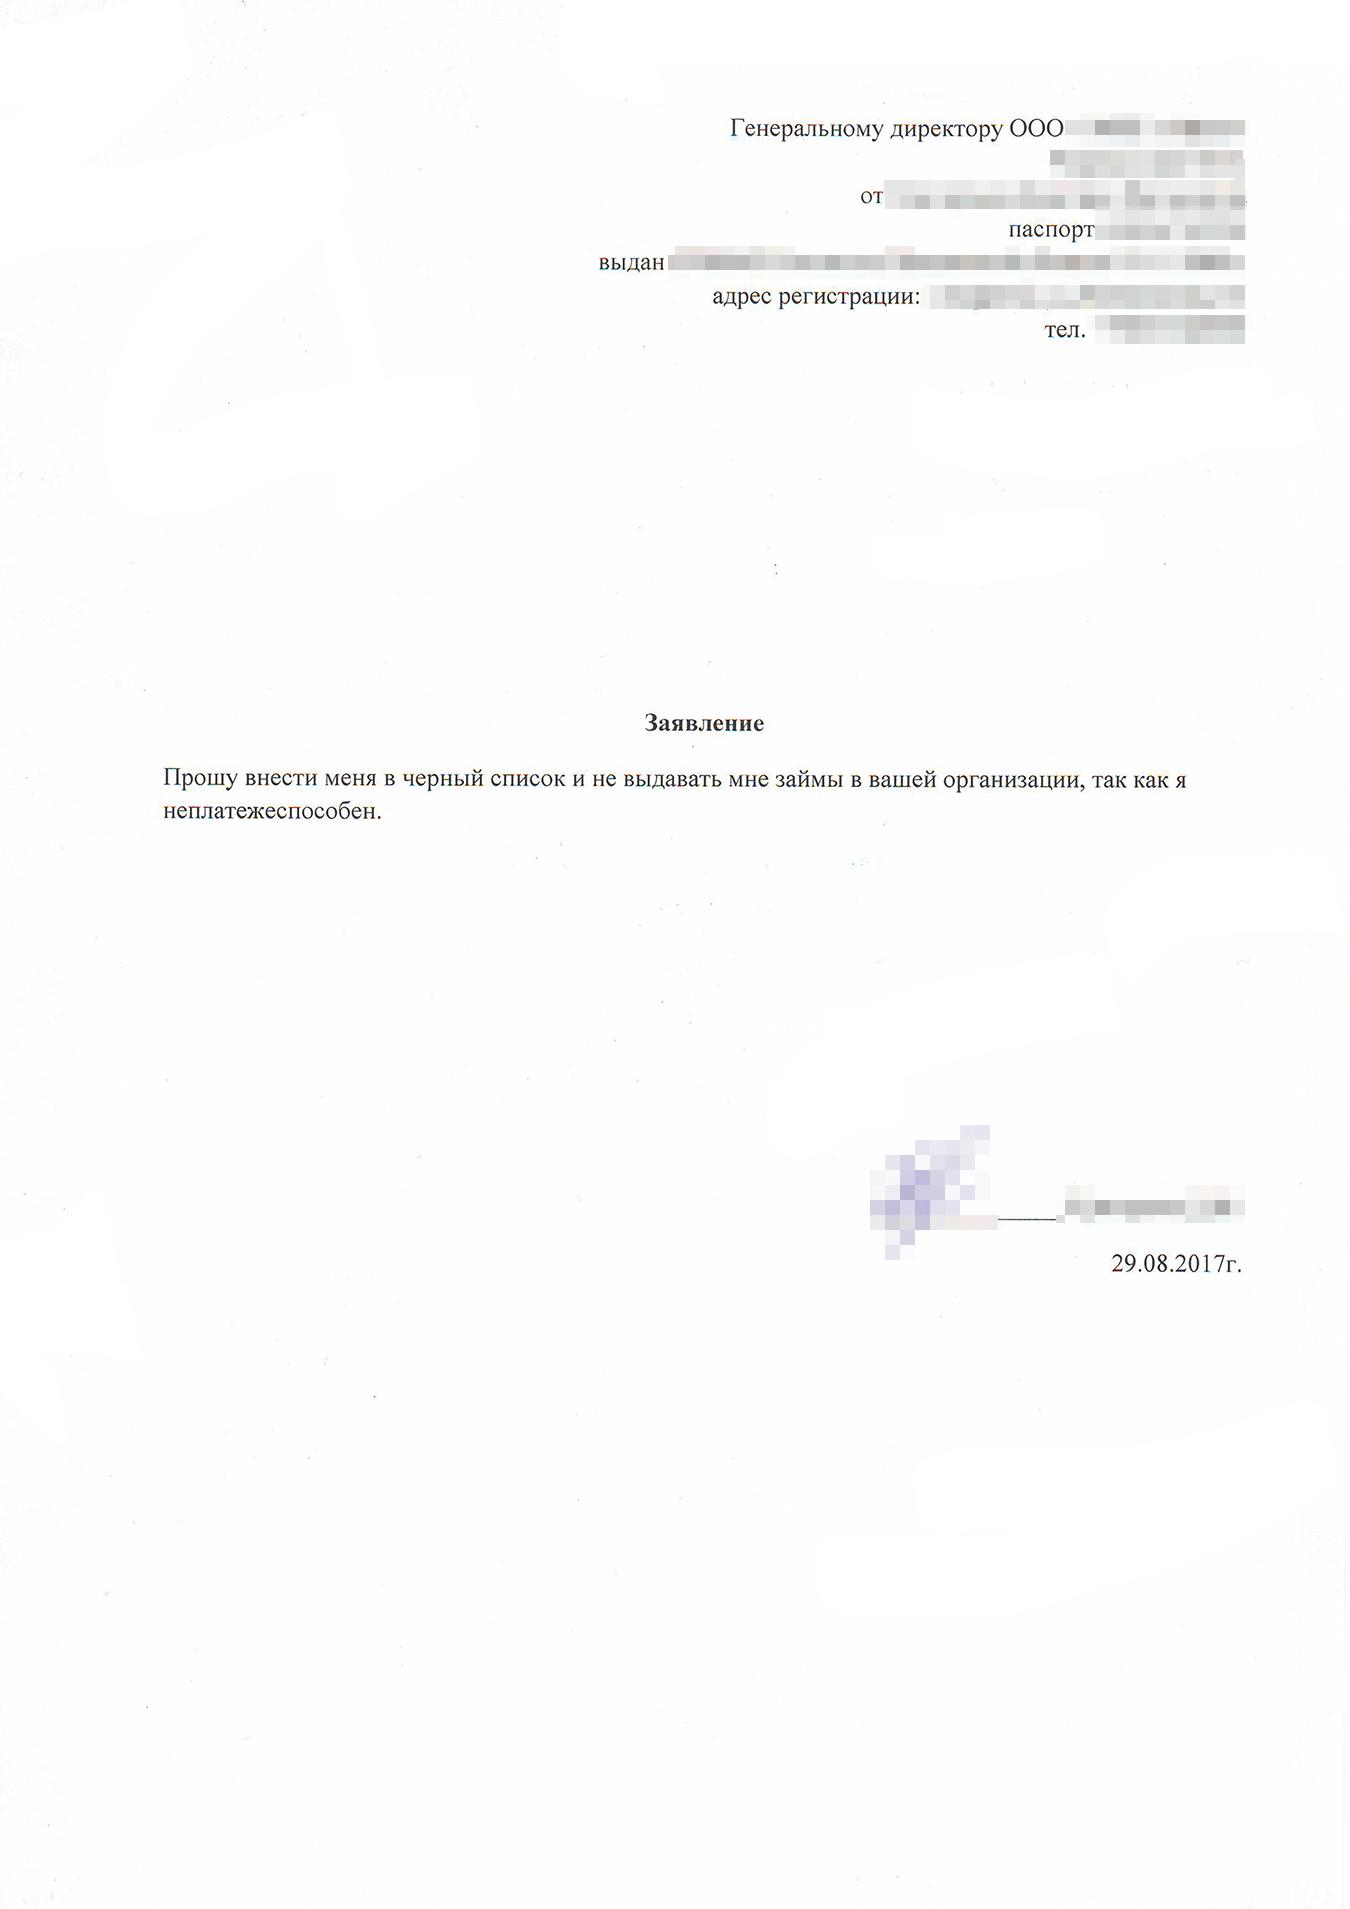 Заявление о внесении в черный список